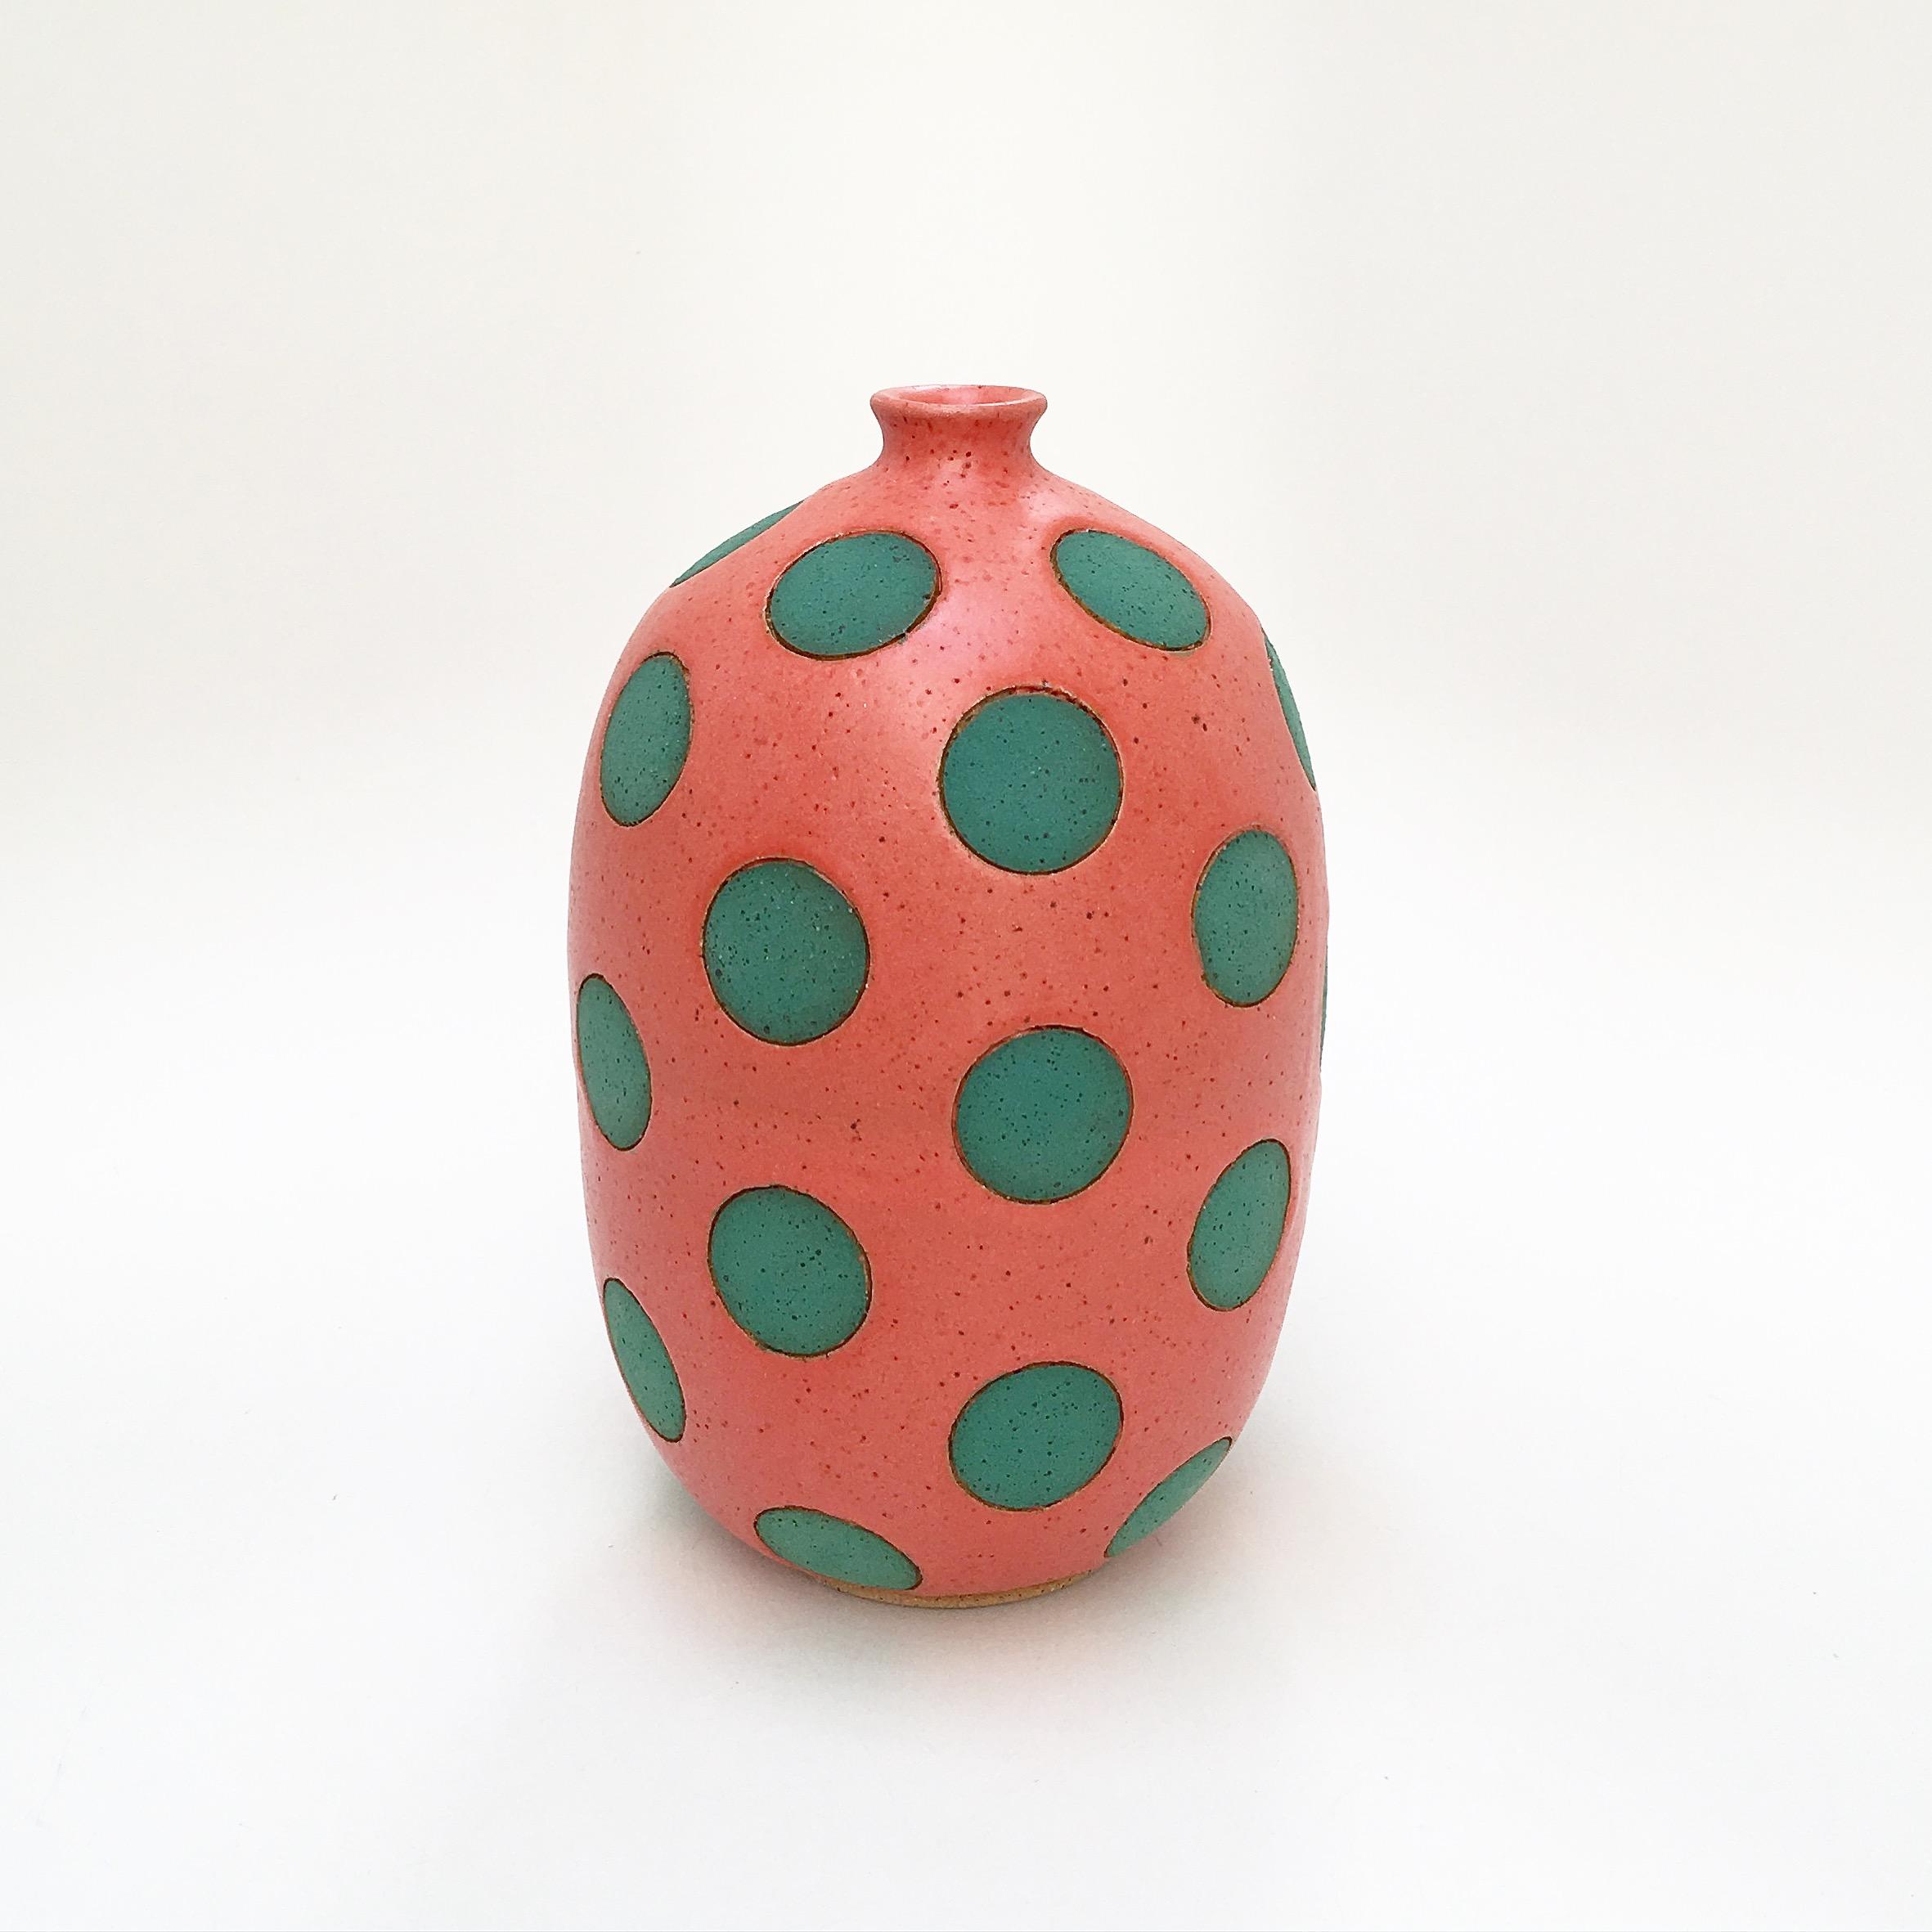 Coral and Green Polka Dot Vase